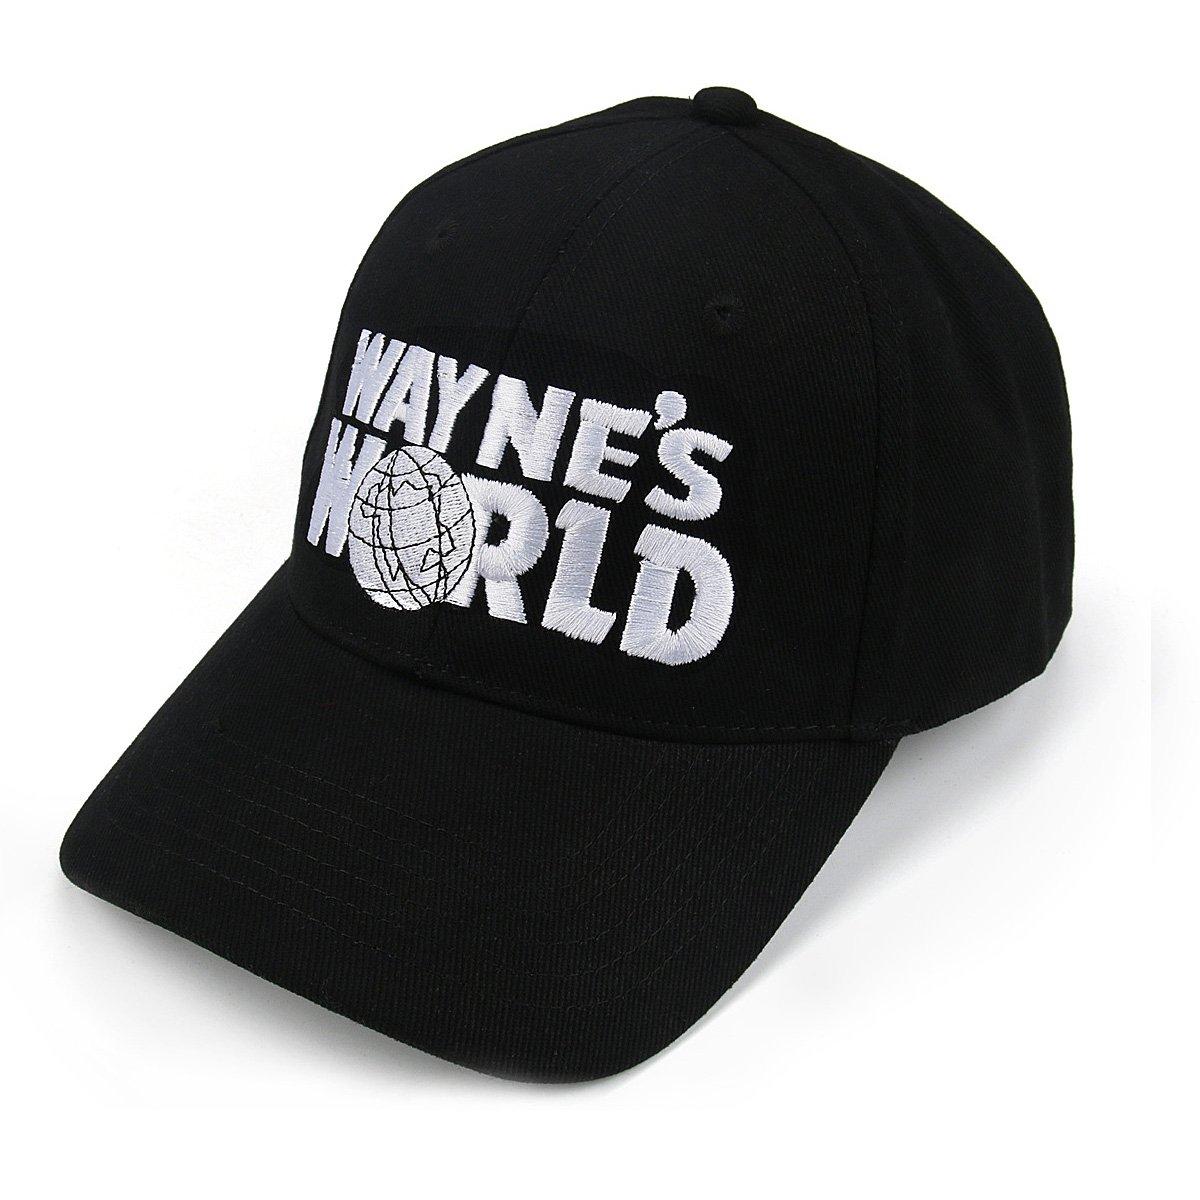 Nofonda Unisex Wayne's World Cap, Baseballmütze mit Besticktem Logo, Snapback Hut als Cosplay-Kostüm Zubehör oder Geschenk, für Sport oder Freizeit für Sport oder Freizeit